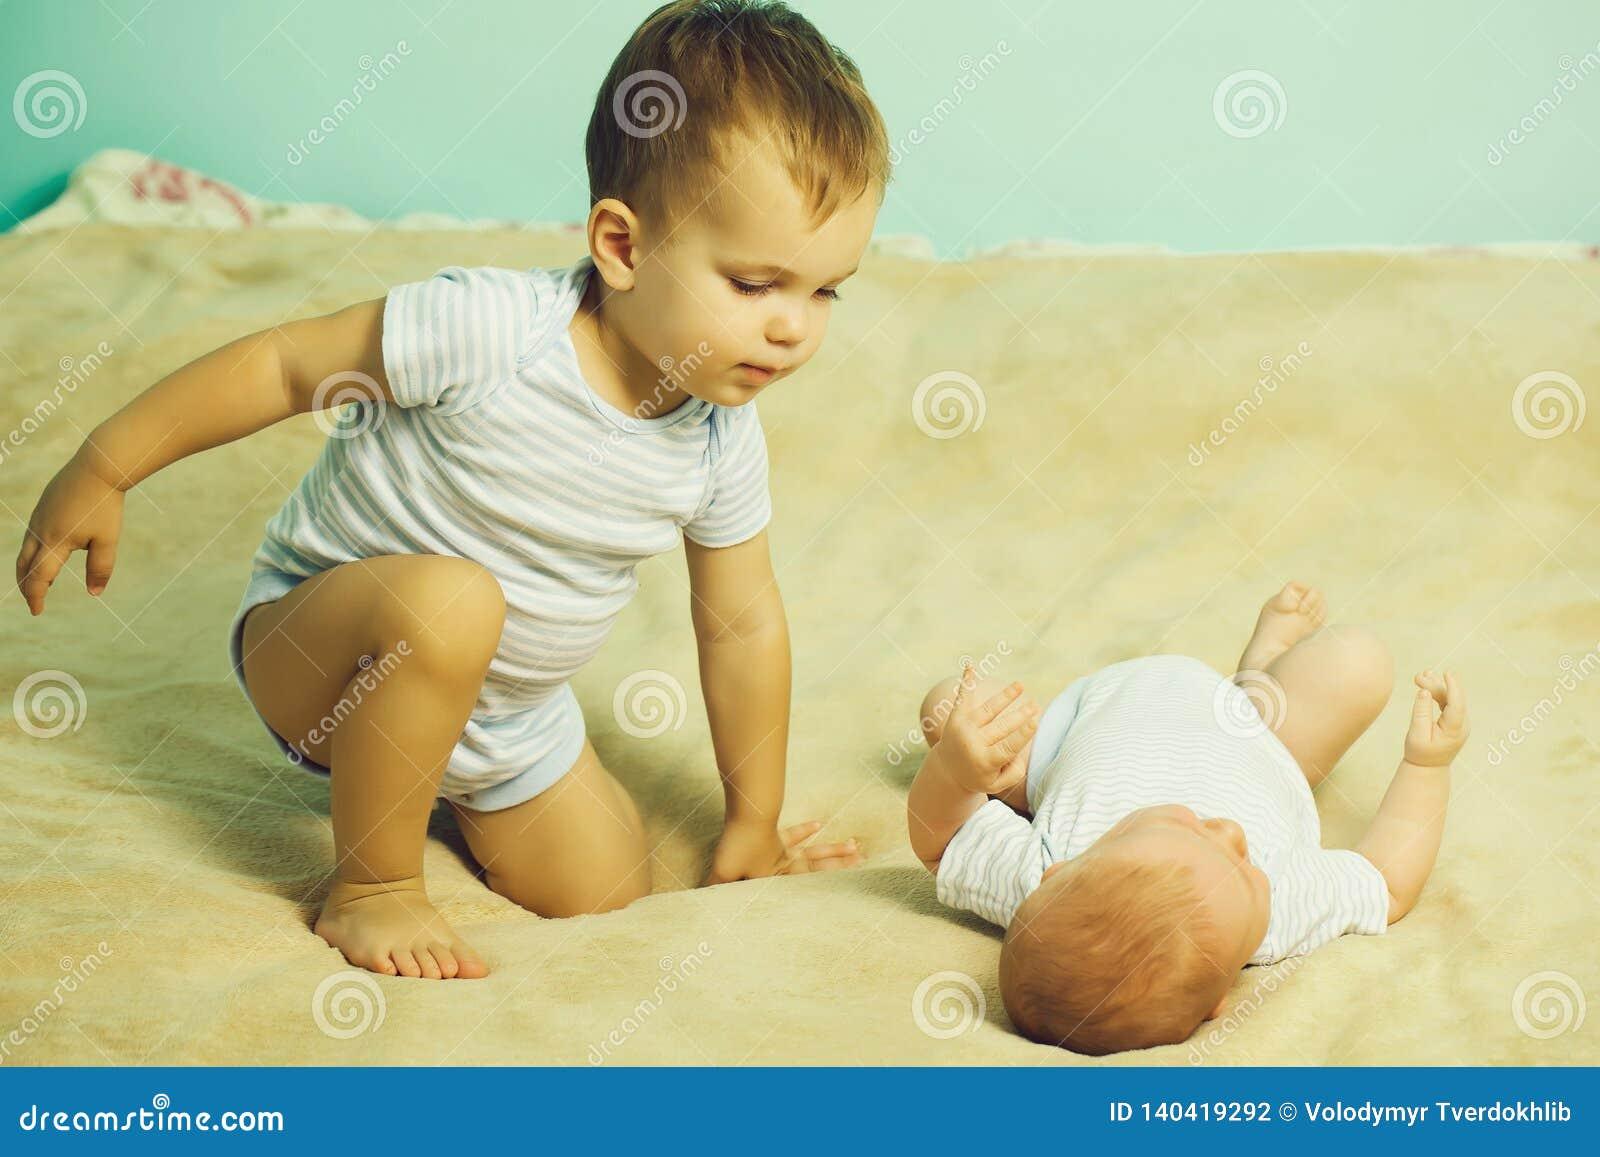 Pysen spelar med nyfött